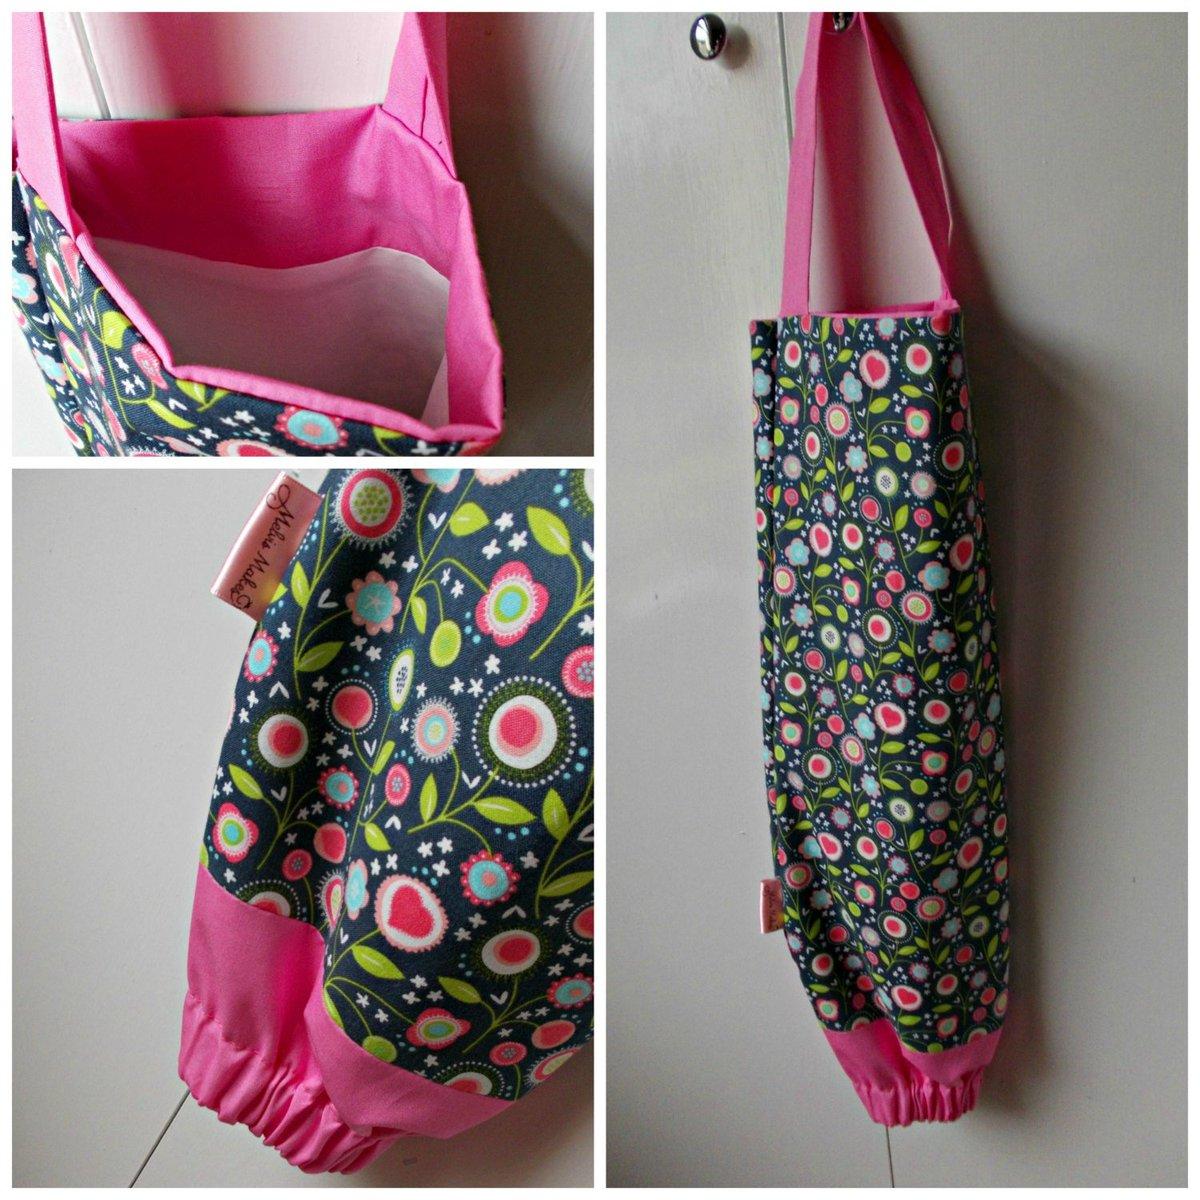 Grey Love Flowers Grocery Bag Holder, Carrier Bag Organiser, Plastic Ba…  http:// tuppu.net/74e78693  &nbsp;   #Etsy #BagDispenser<br>http://pic.twitter.com/FTelYJhphH